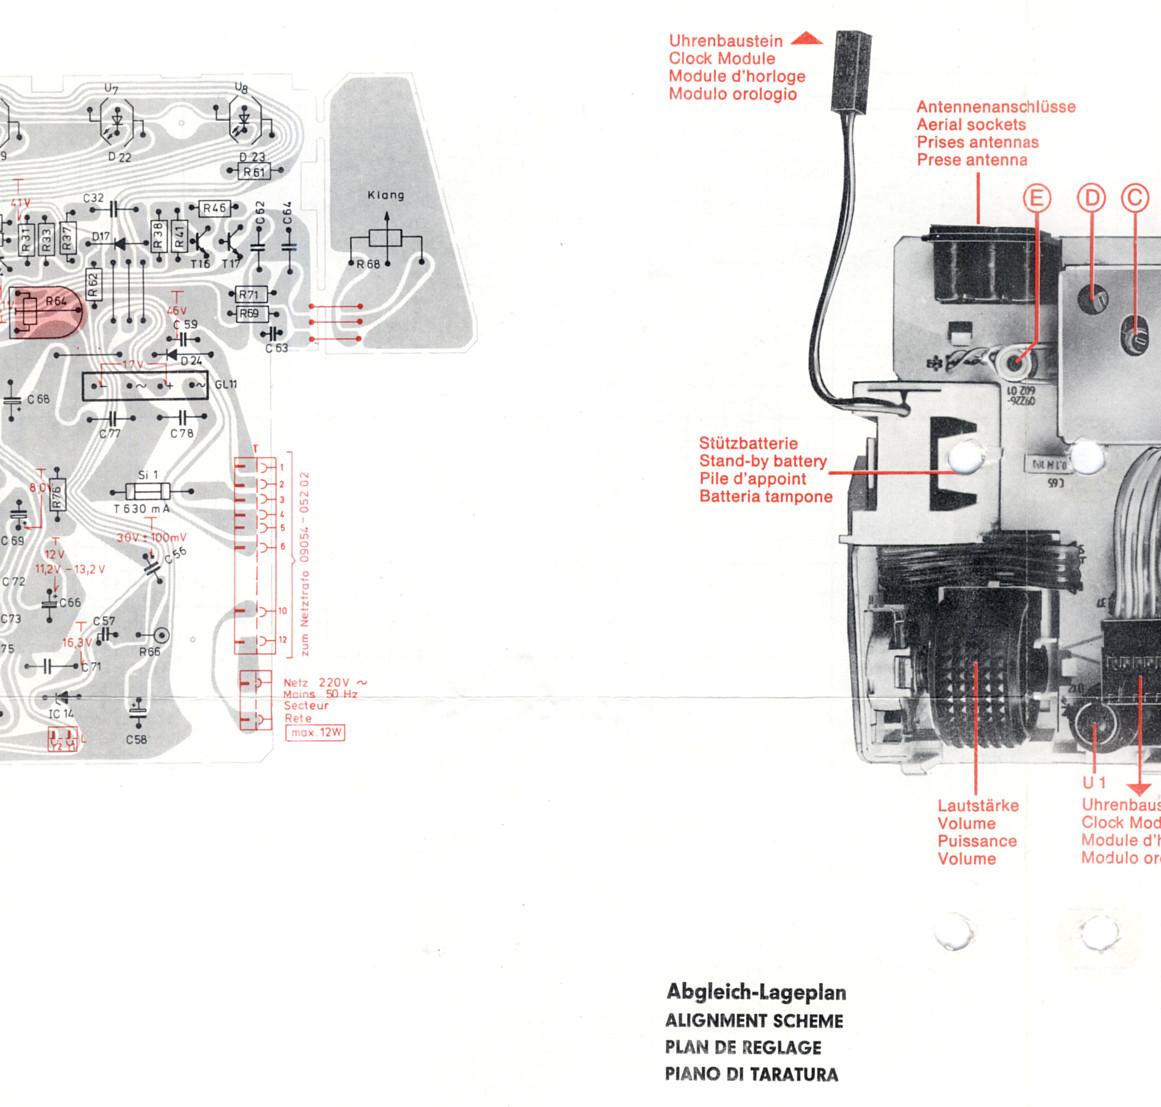 Berühmt Anhängerleitungssatz 7 Pin Bilder - Elektrische Schaltplan ...